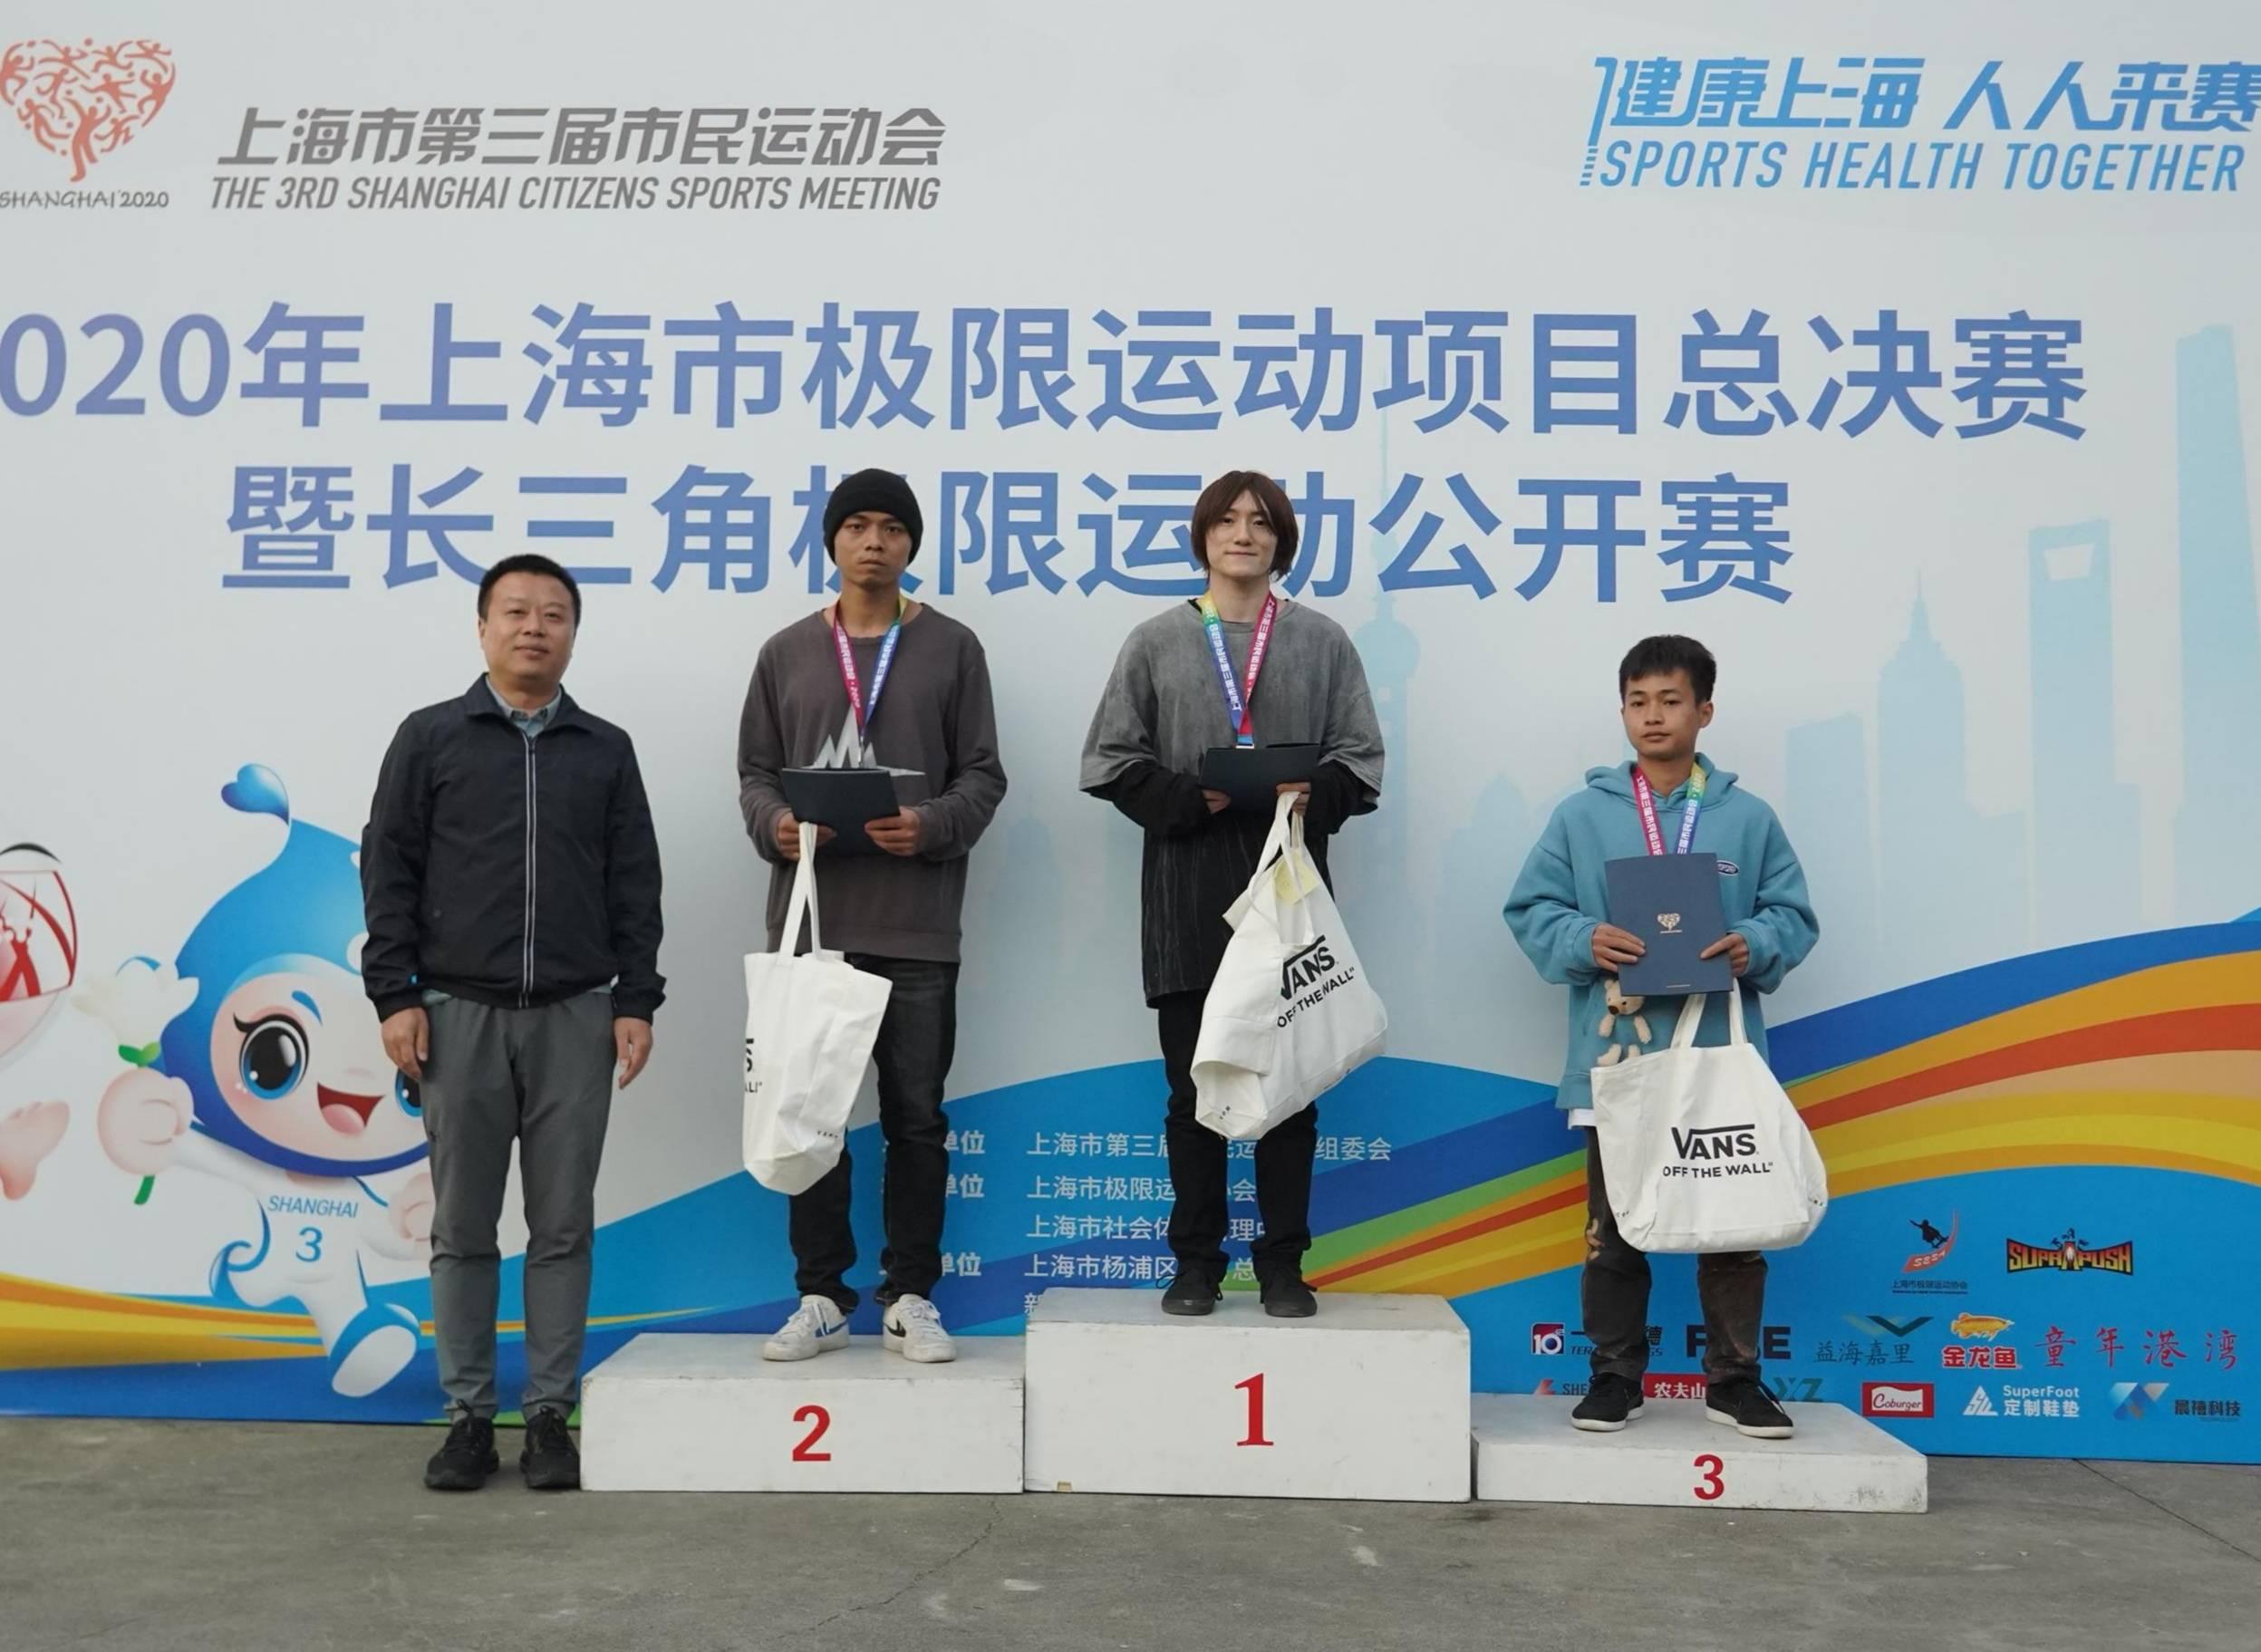 长三角极限运动公开赛落幕 200名高手挑战七大锦标